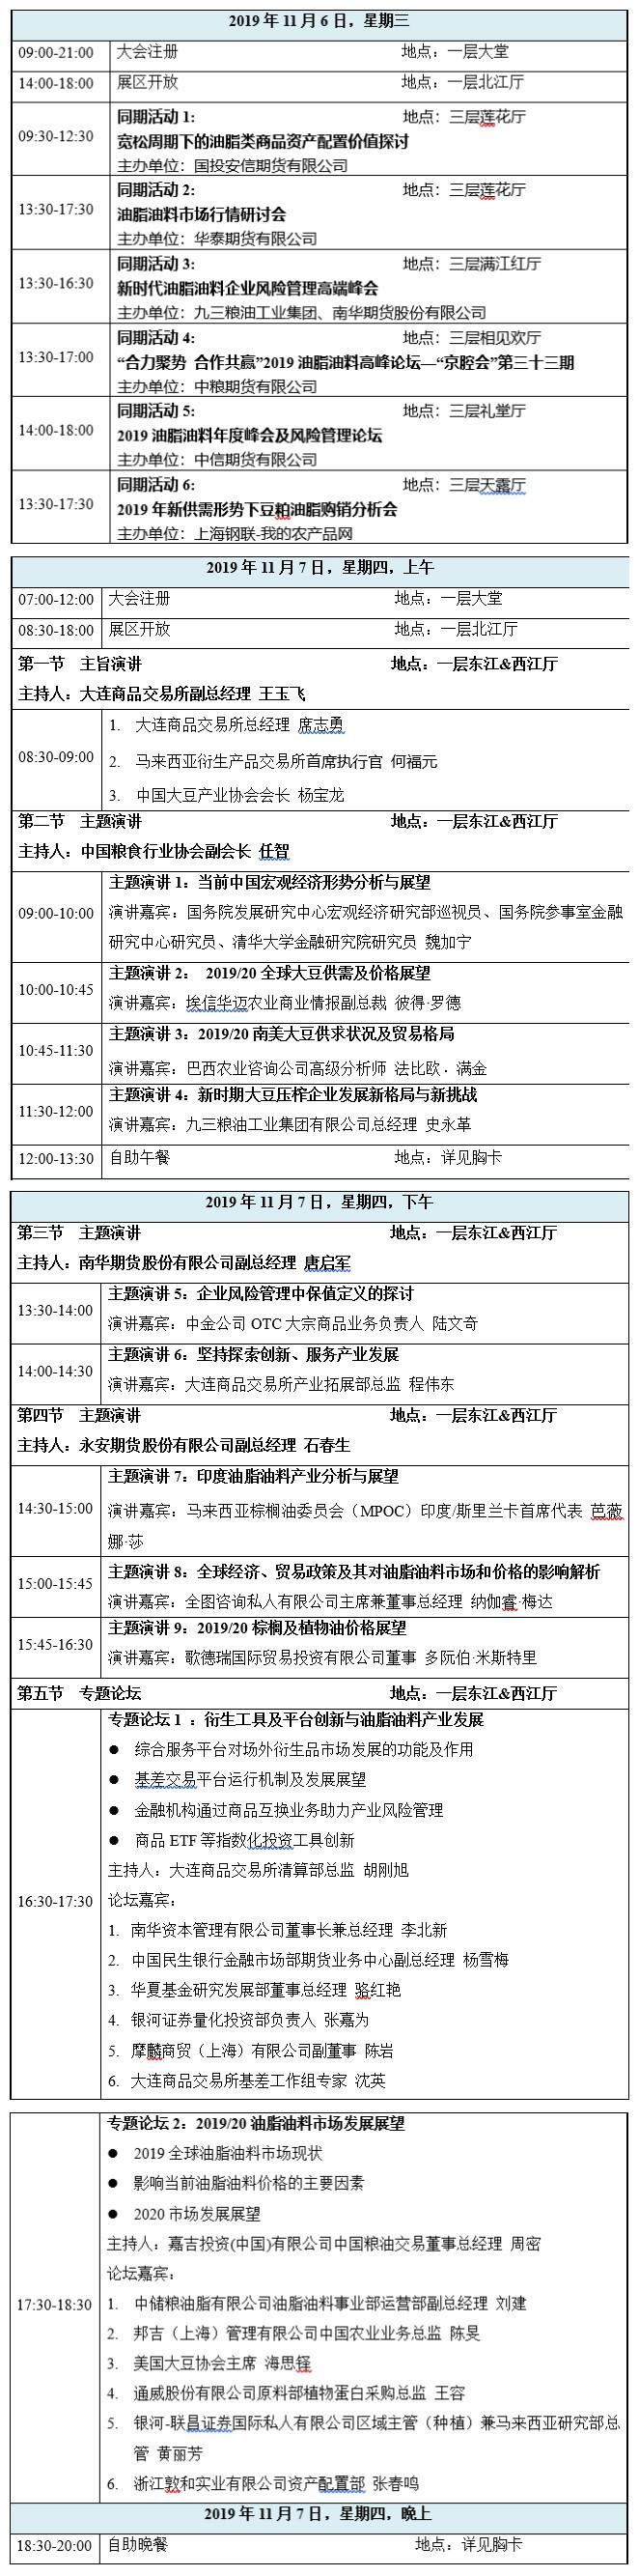 第14届国际油脂油料大会将于11月6日举行